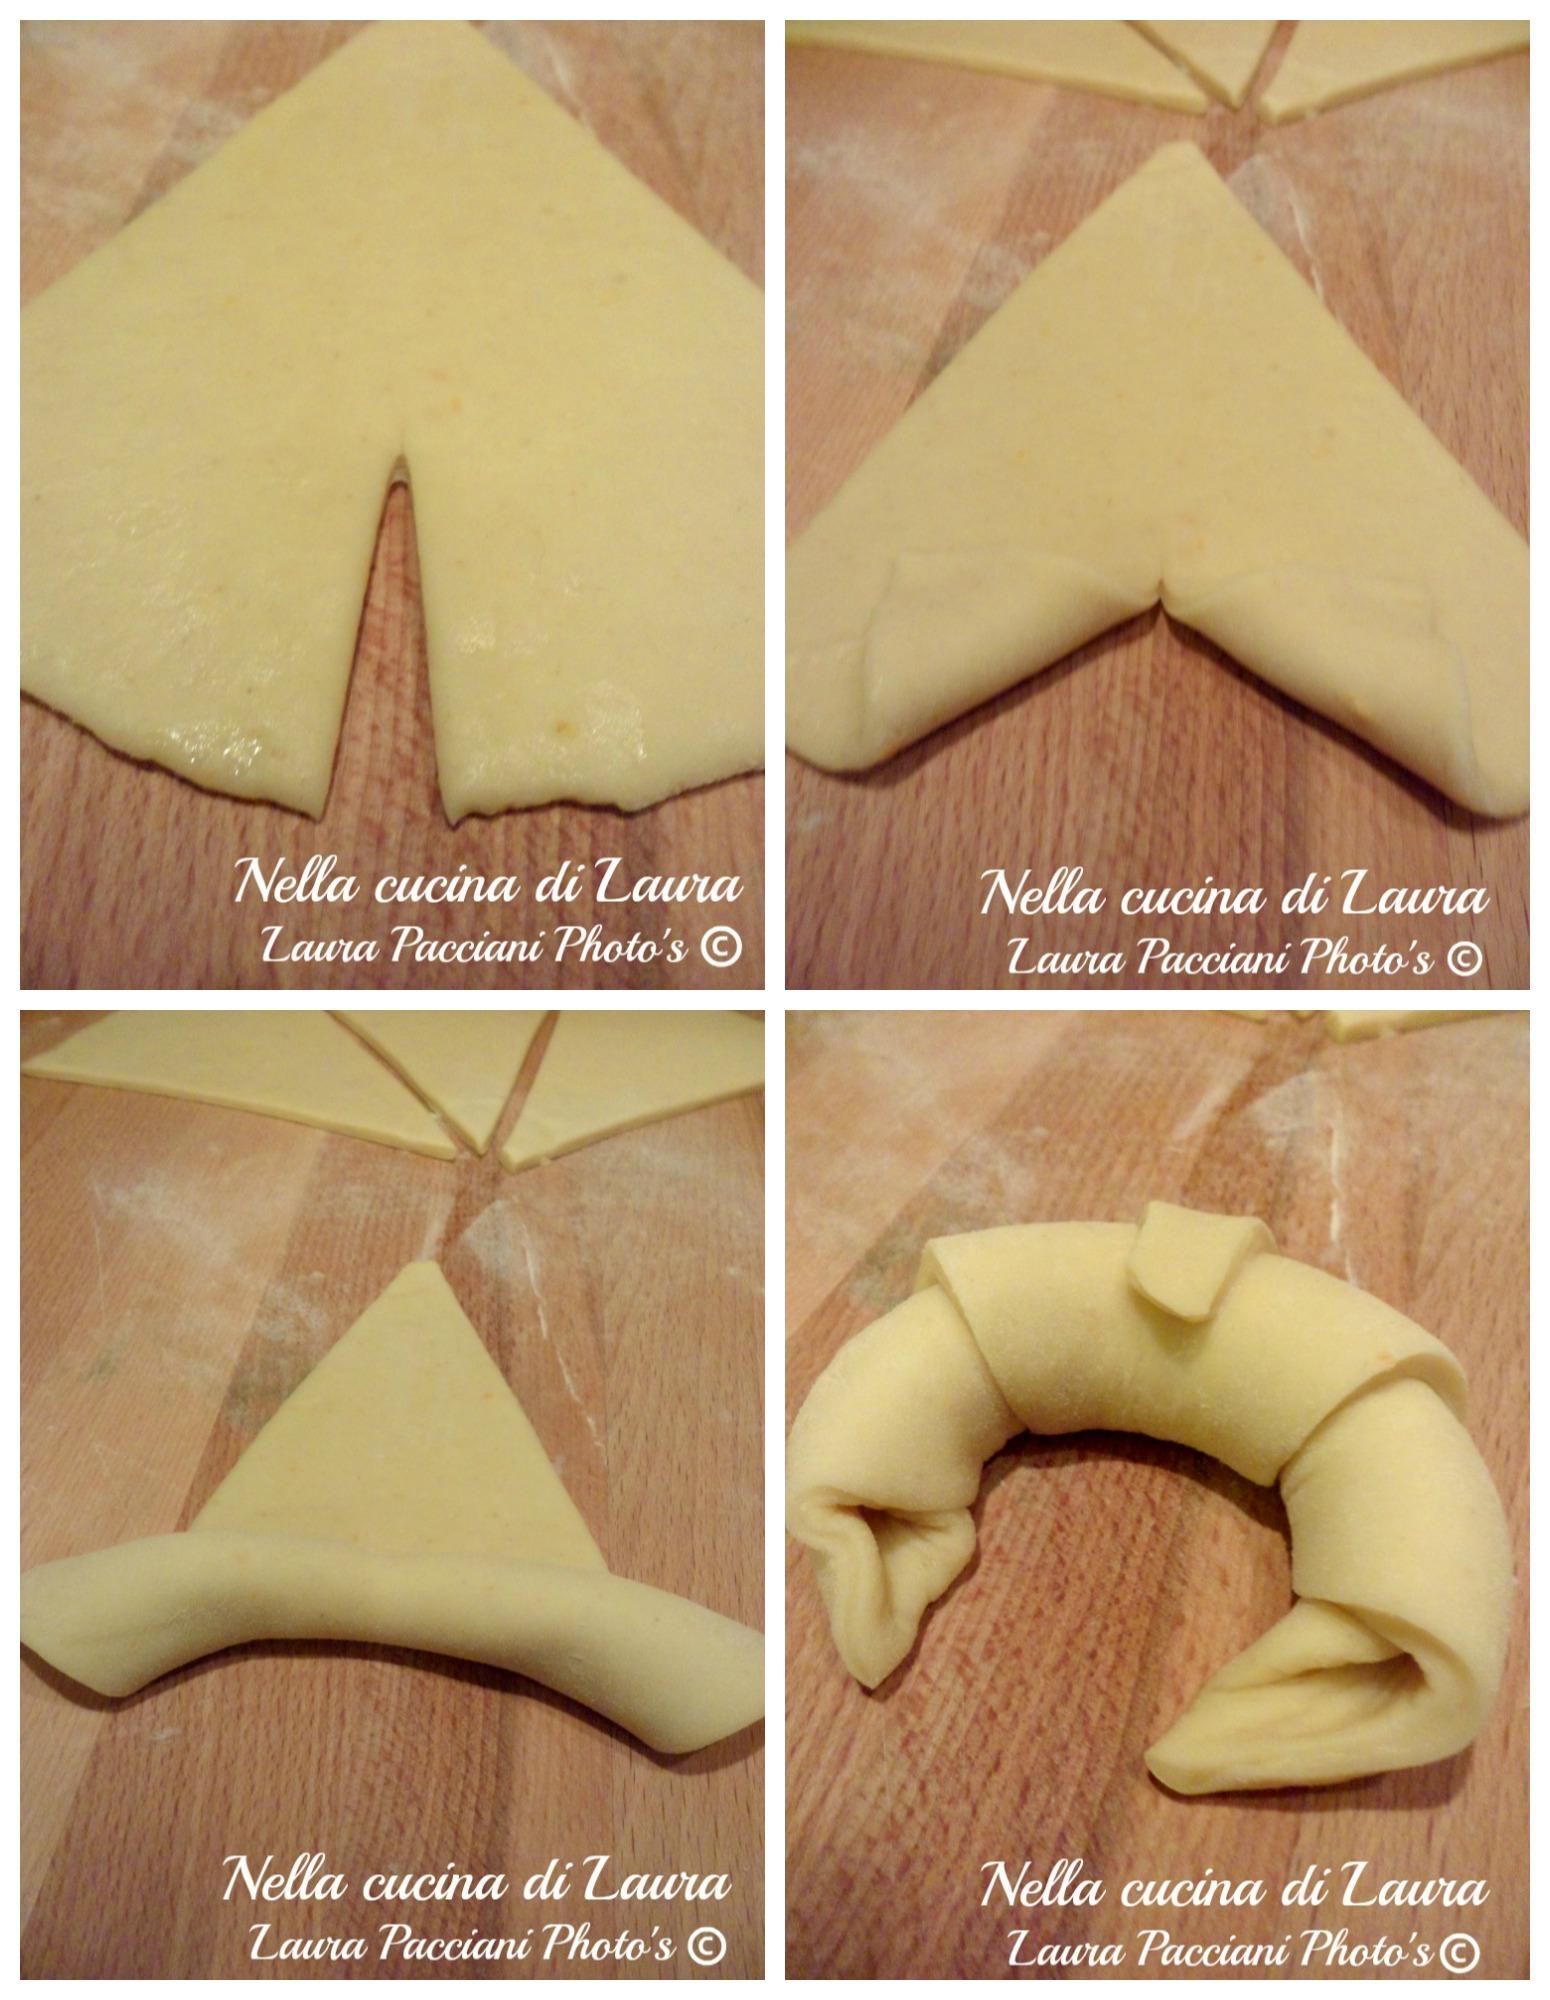 cornetti dolci di pan brioche con lievito madre - nella cucina di laura